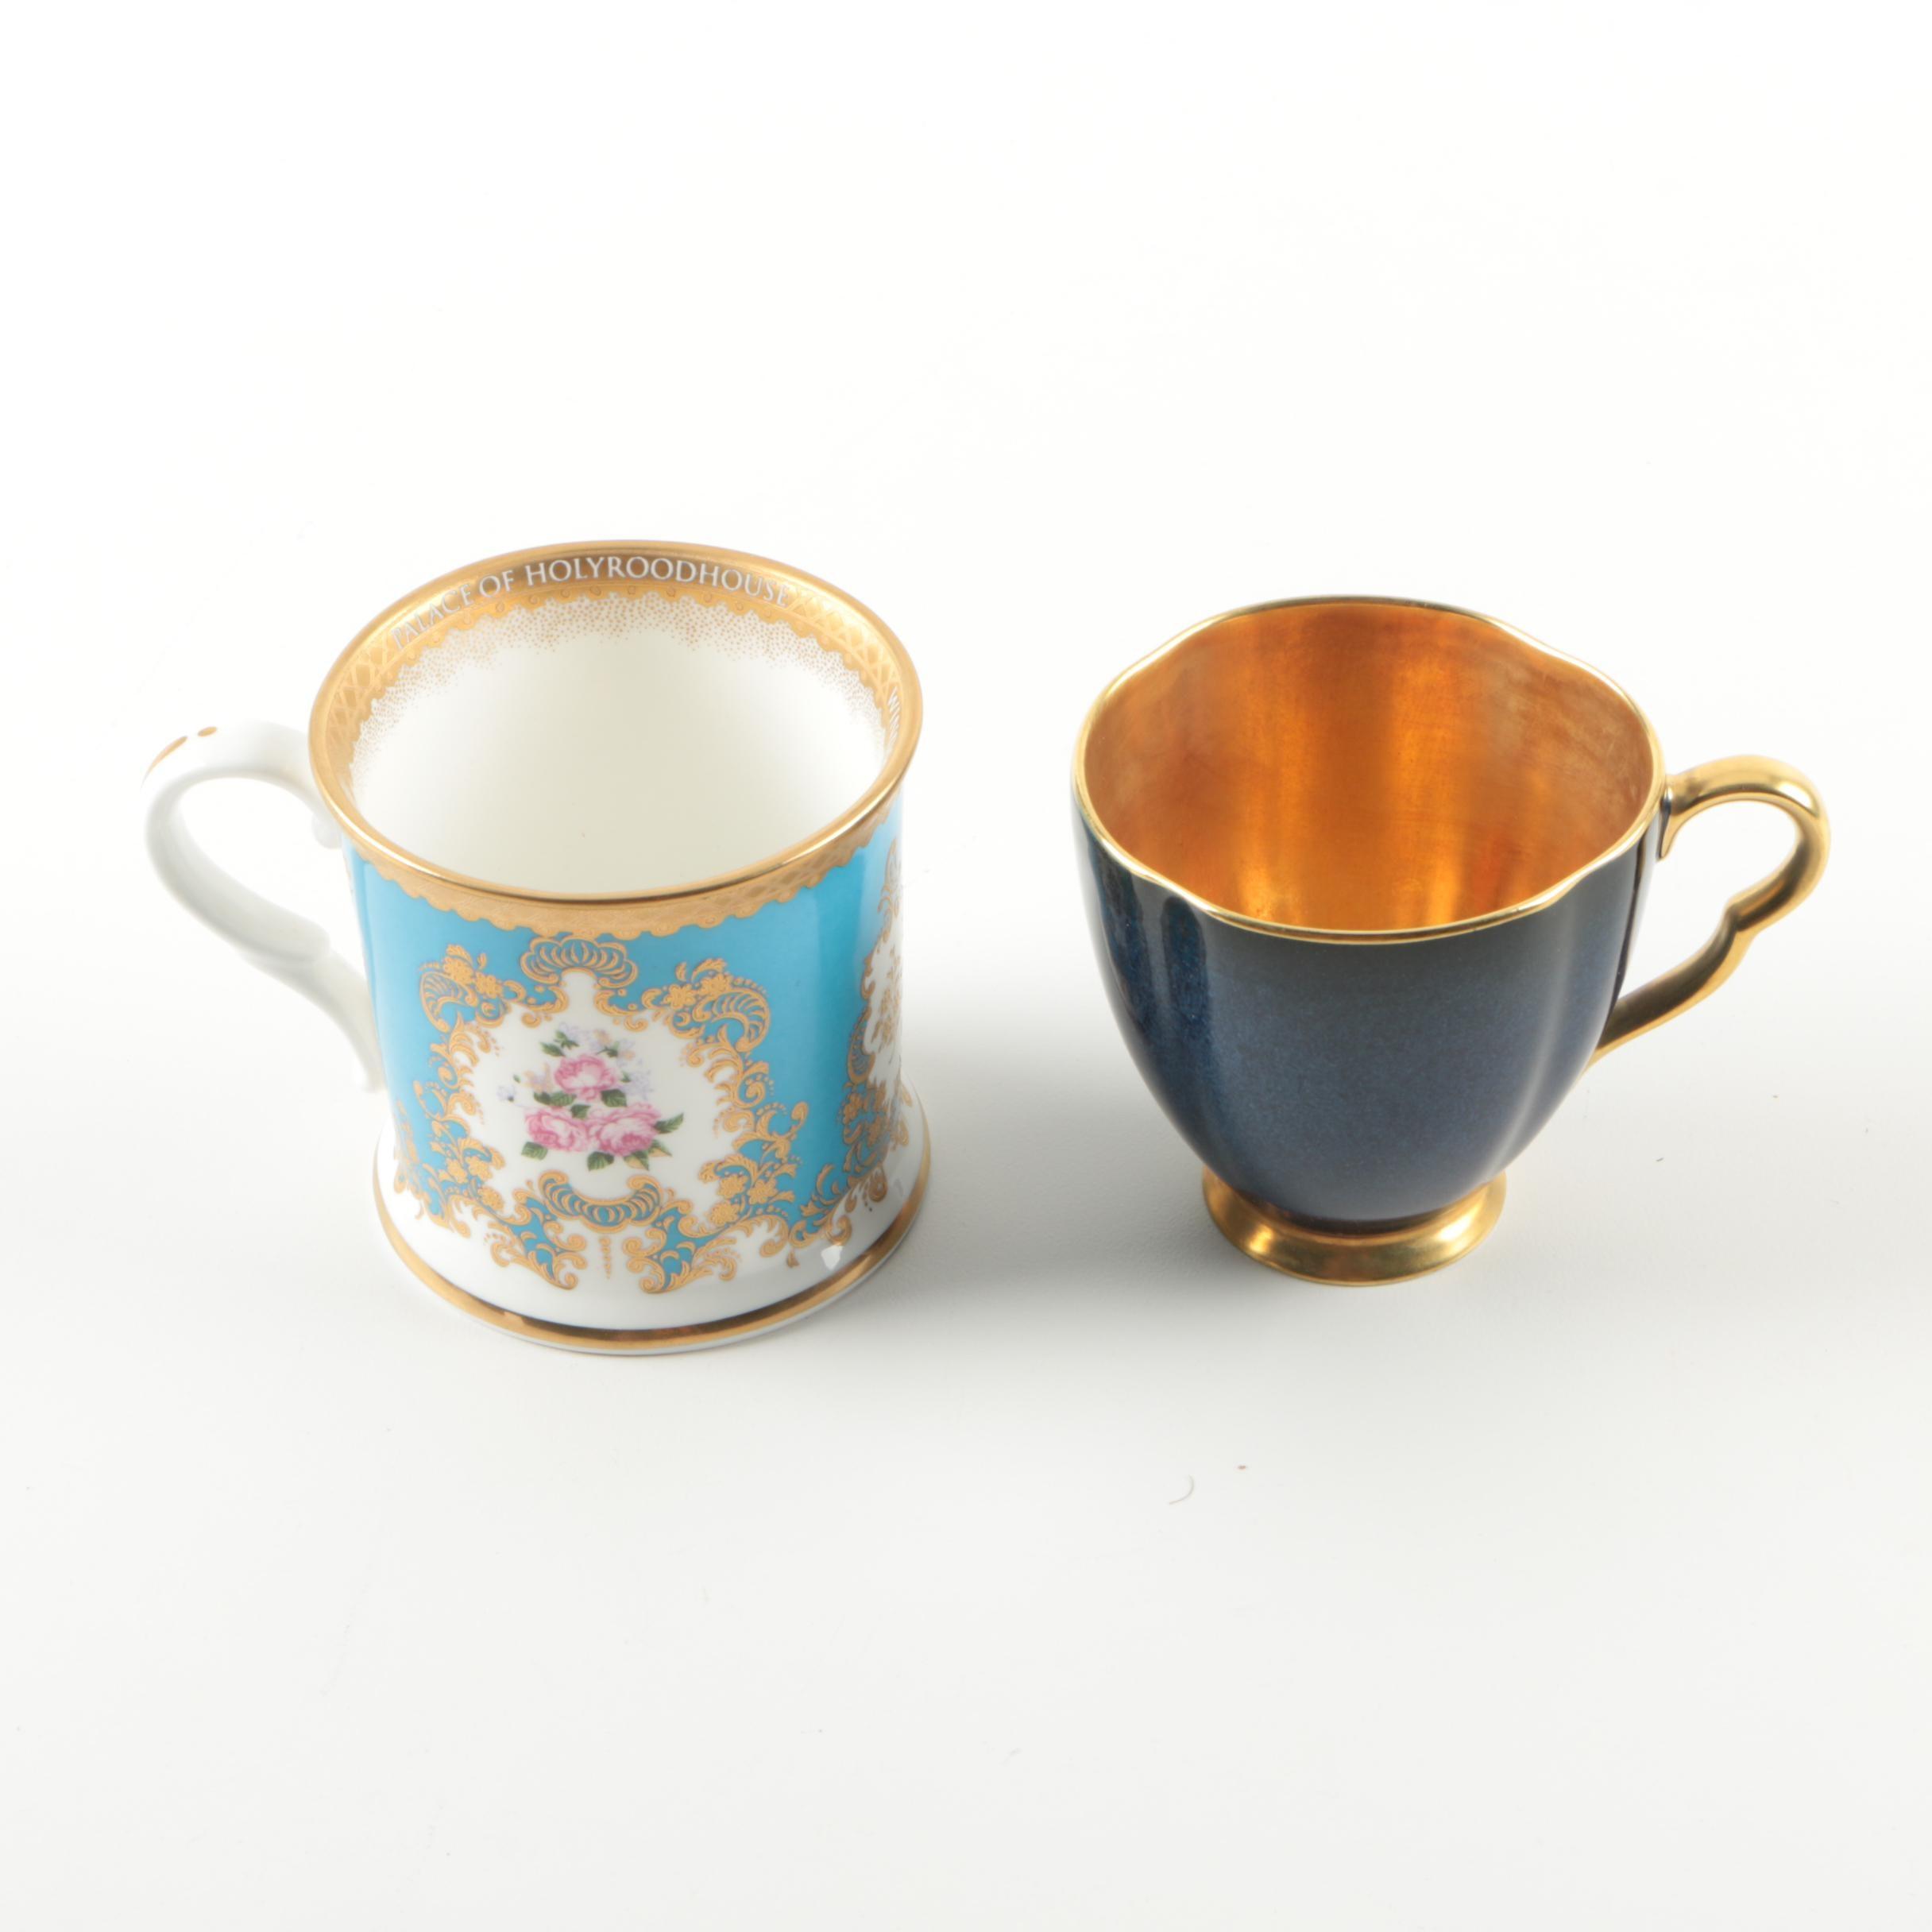 Pair of Ceramic English Cups